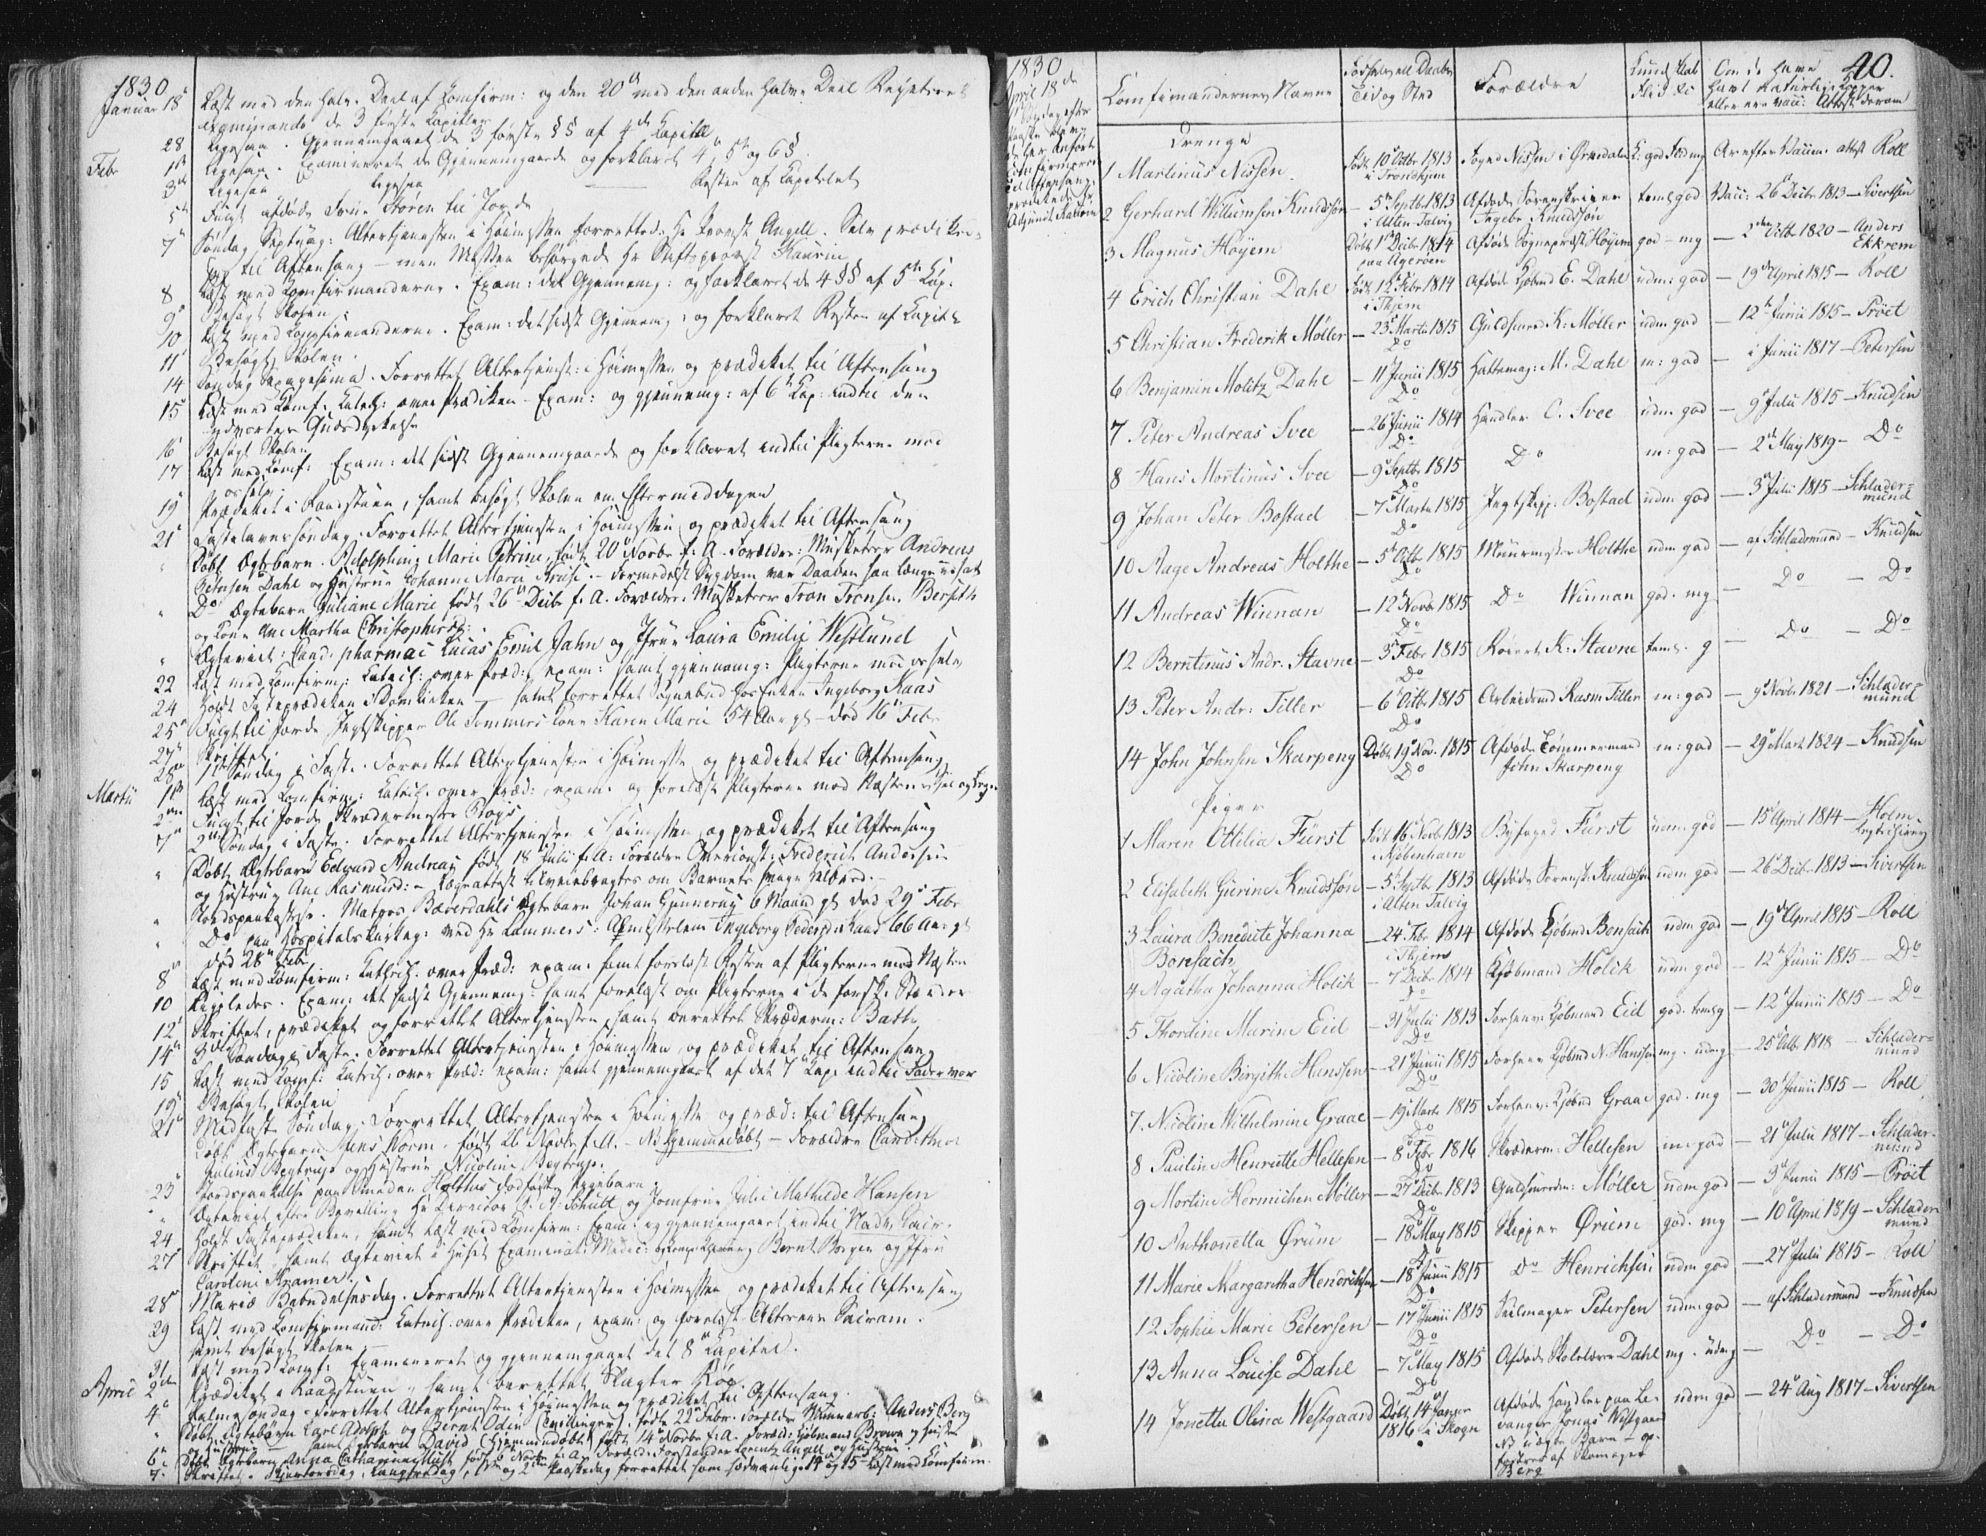 SAT, Ministerialprotokoller, klokkerbøker og fødselsregistre - Sør-Trøndelag, 602/L0127: Residerende kapellans bok nr. 602B01, 1821-1875, s. 40